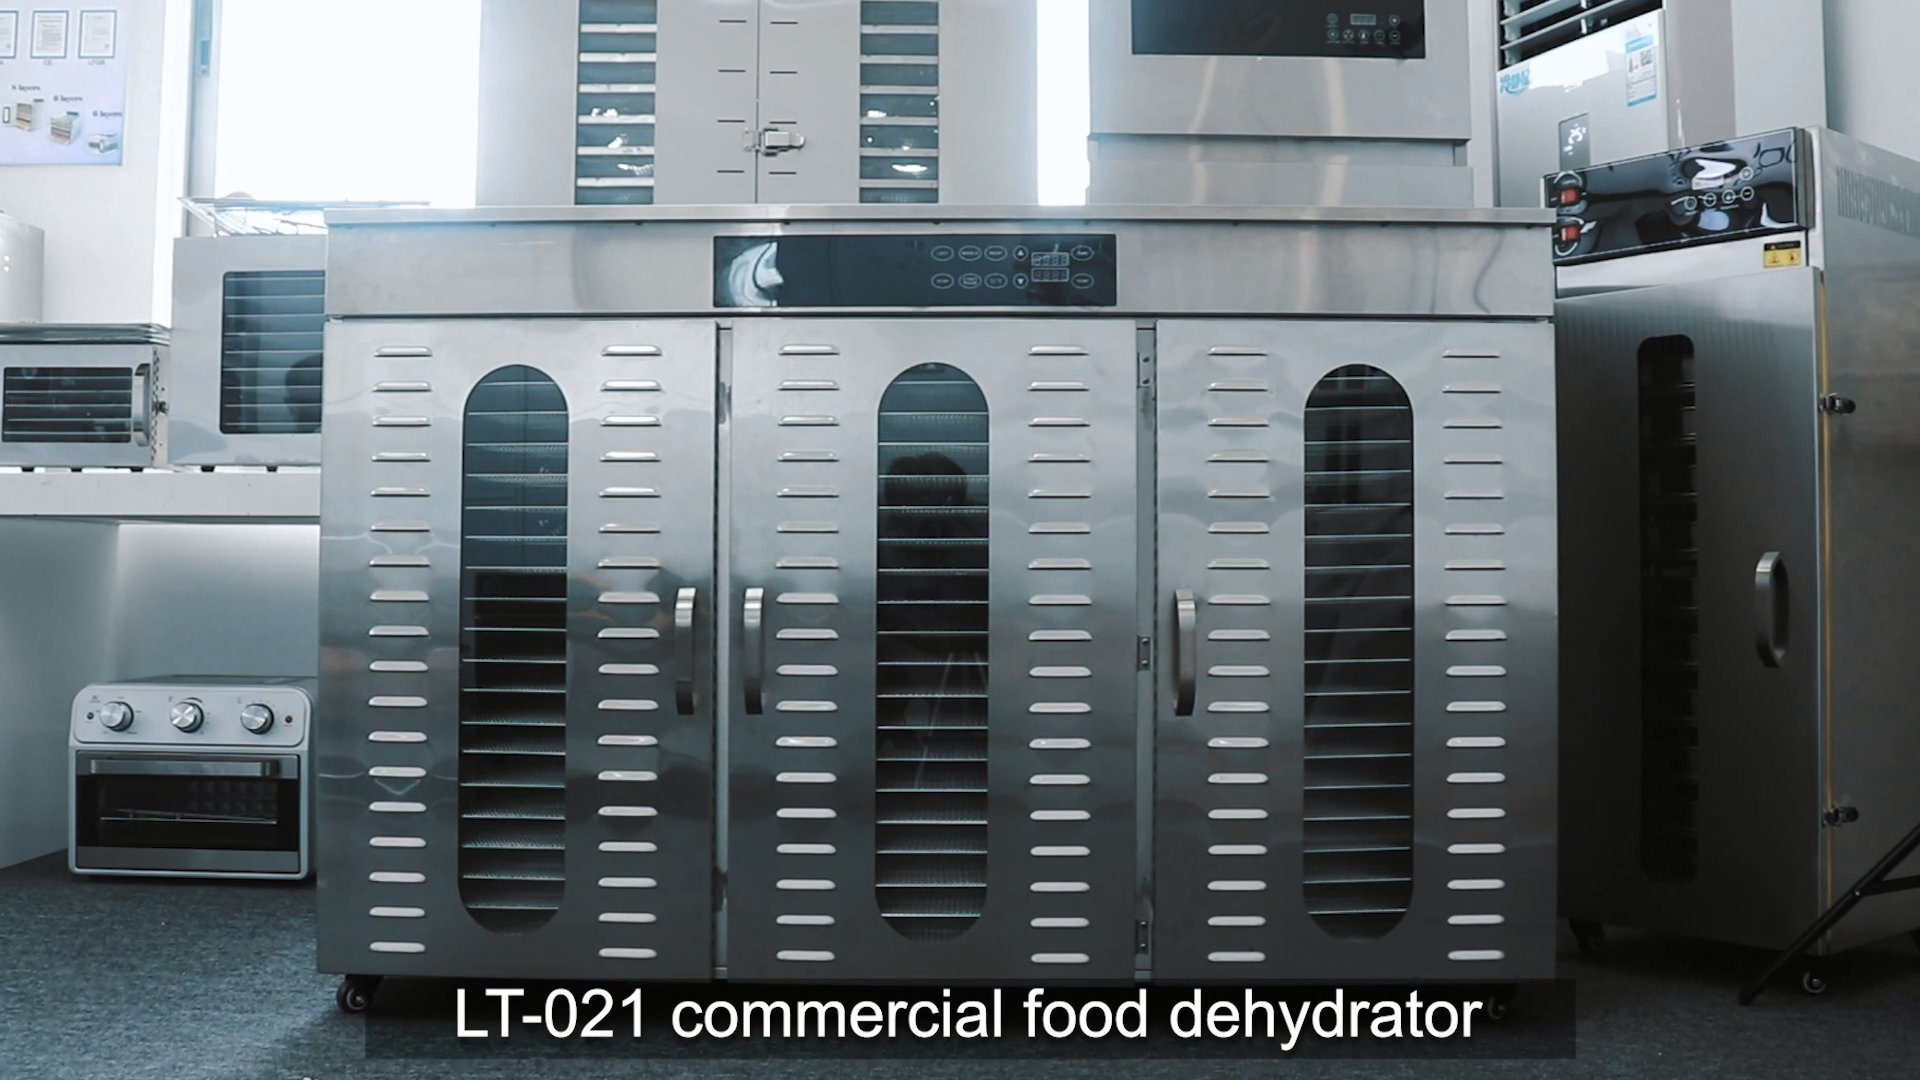 มากอุตสาหกรรมขนาดใหญ่ควบคุมดิจิตอล 60 ss ถาดคู่ outershell อาหารและ dehydrator ผลไม้เครื่อง